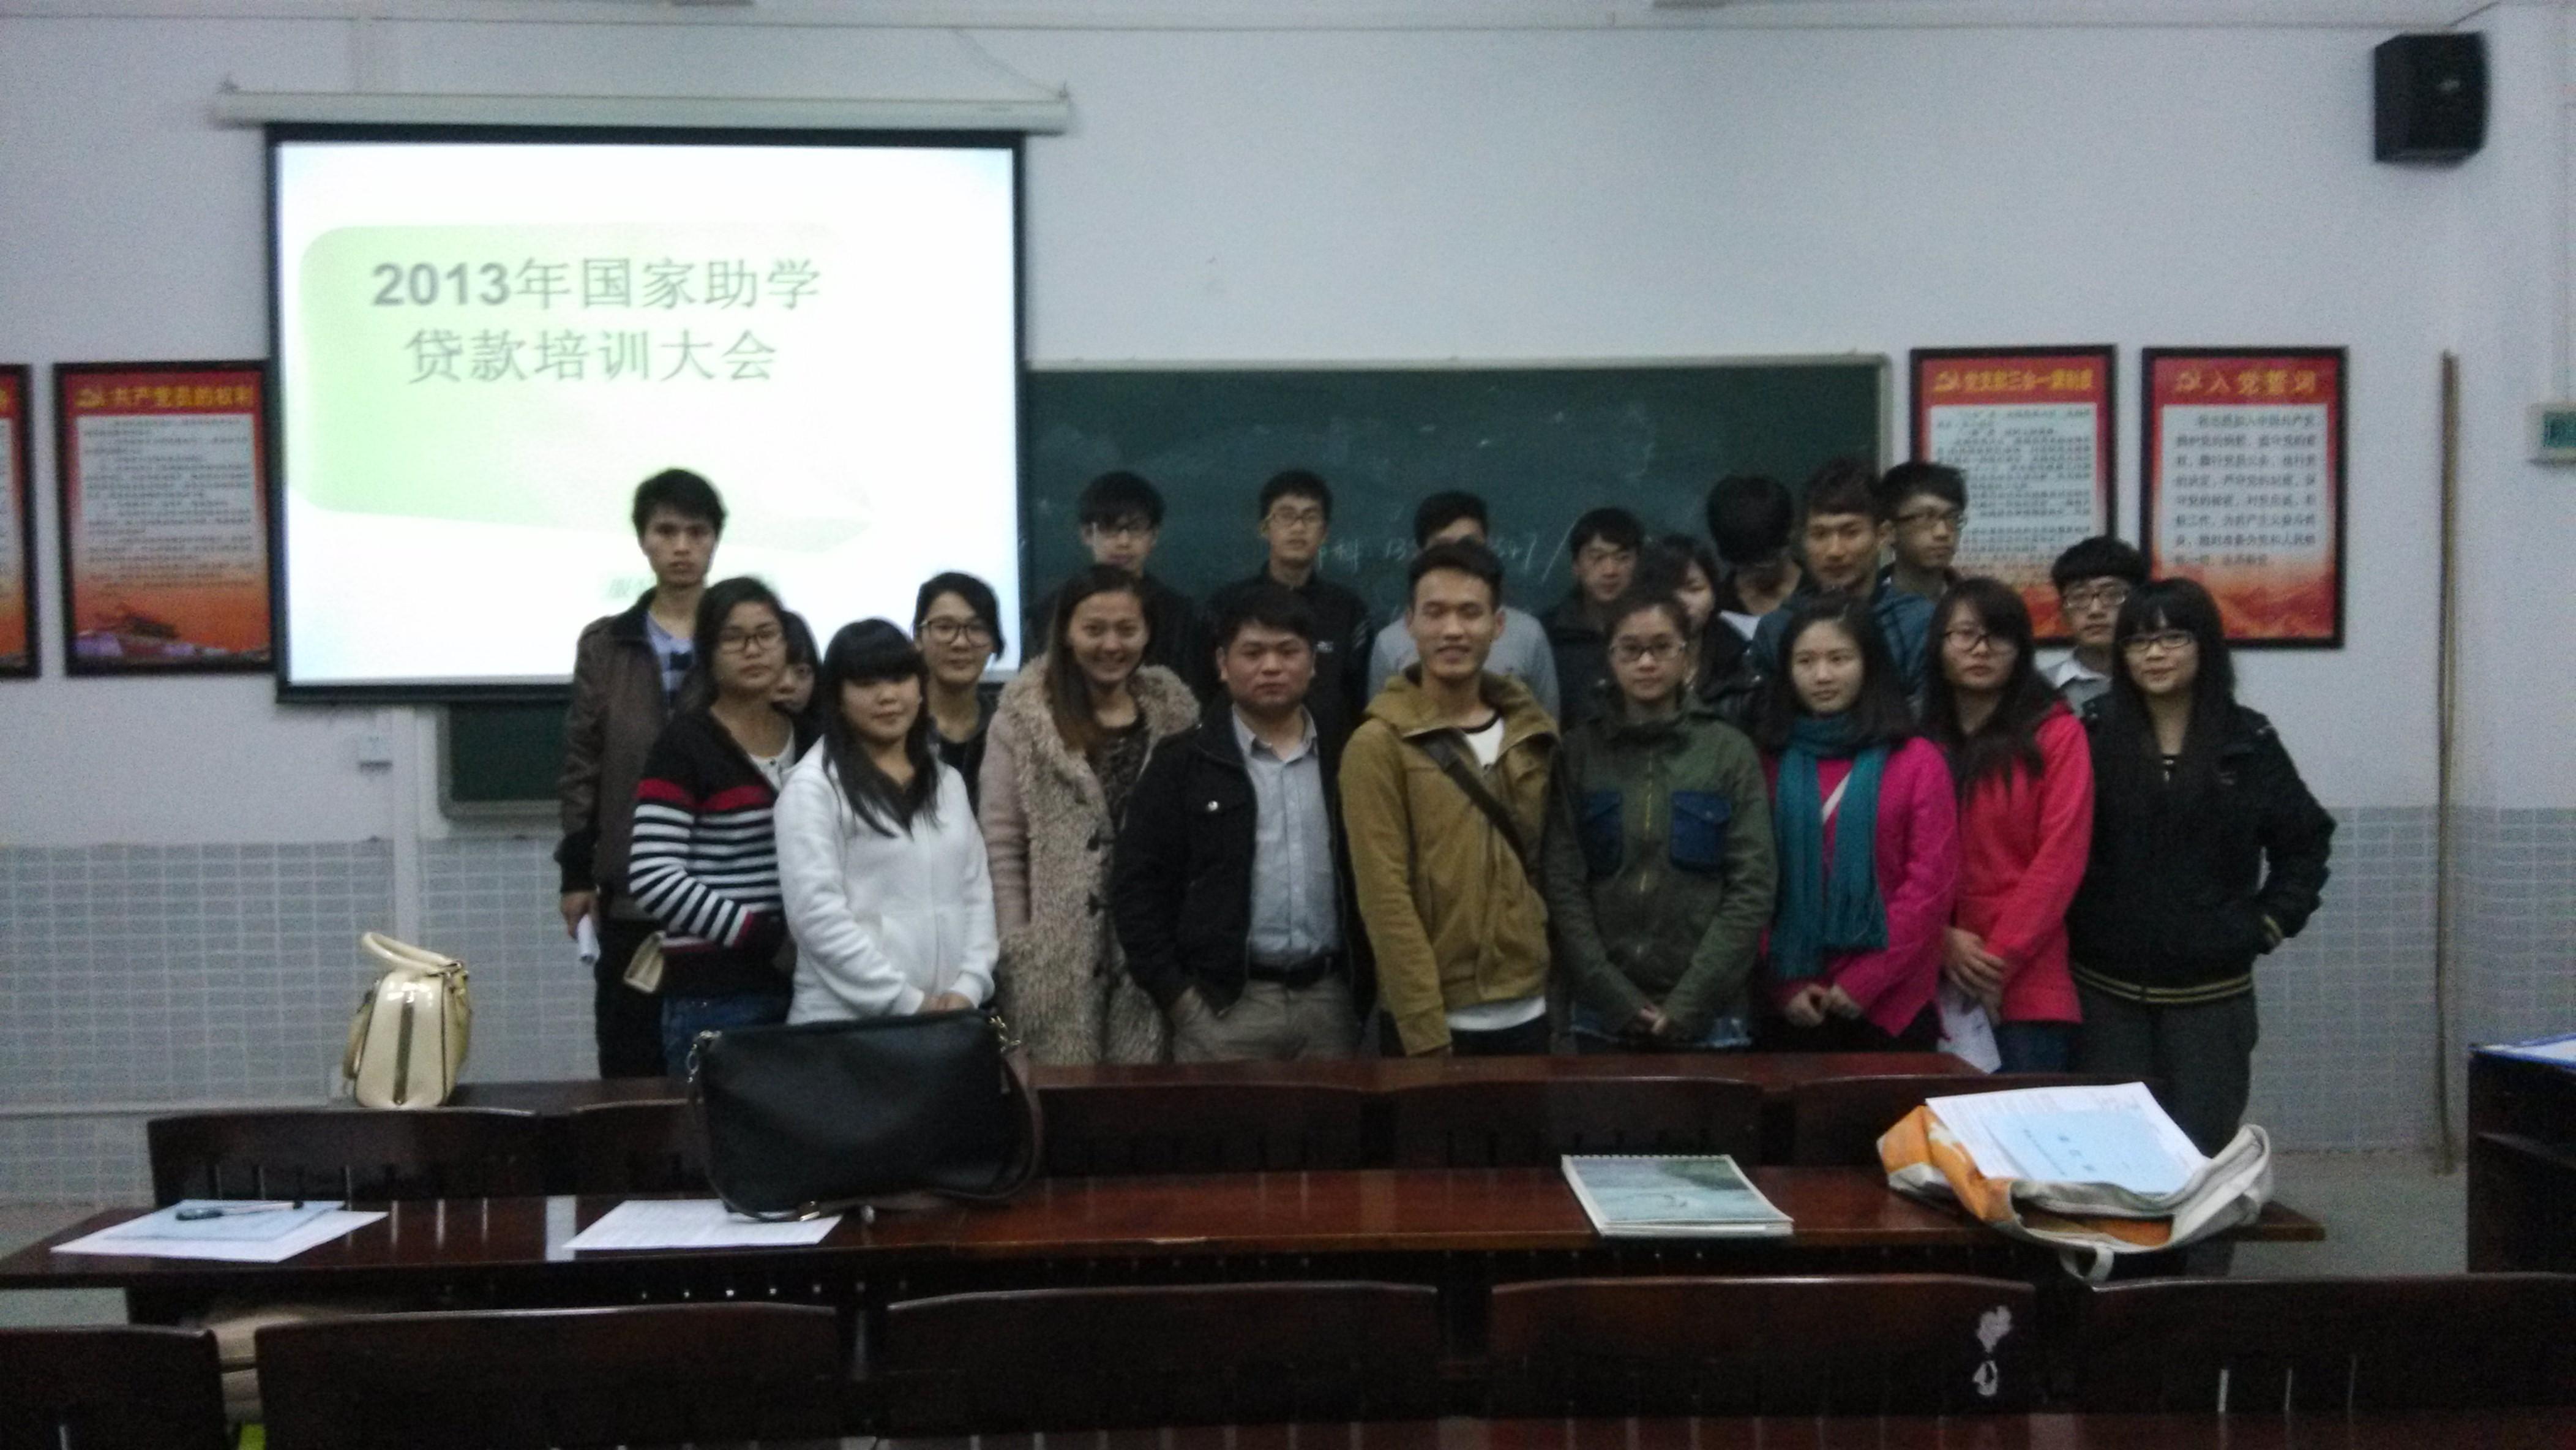 惠州经济学院2013年助学贷款培训大会